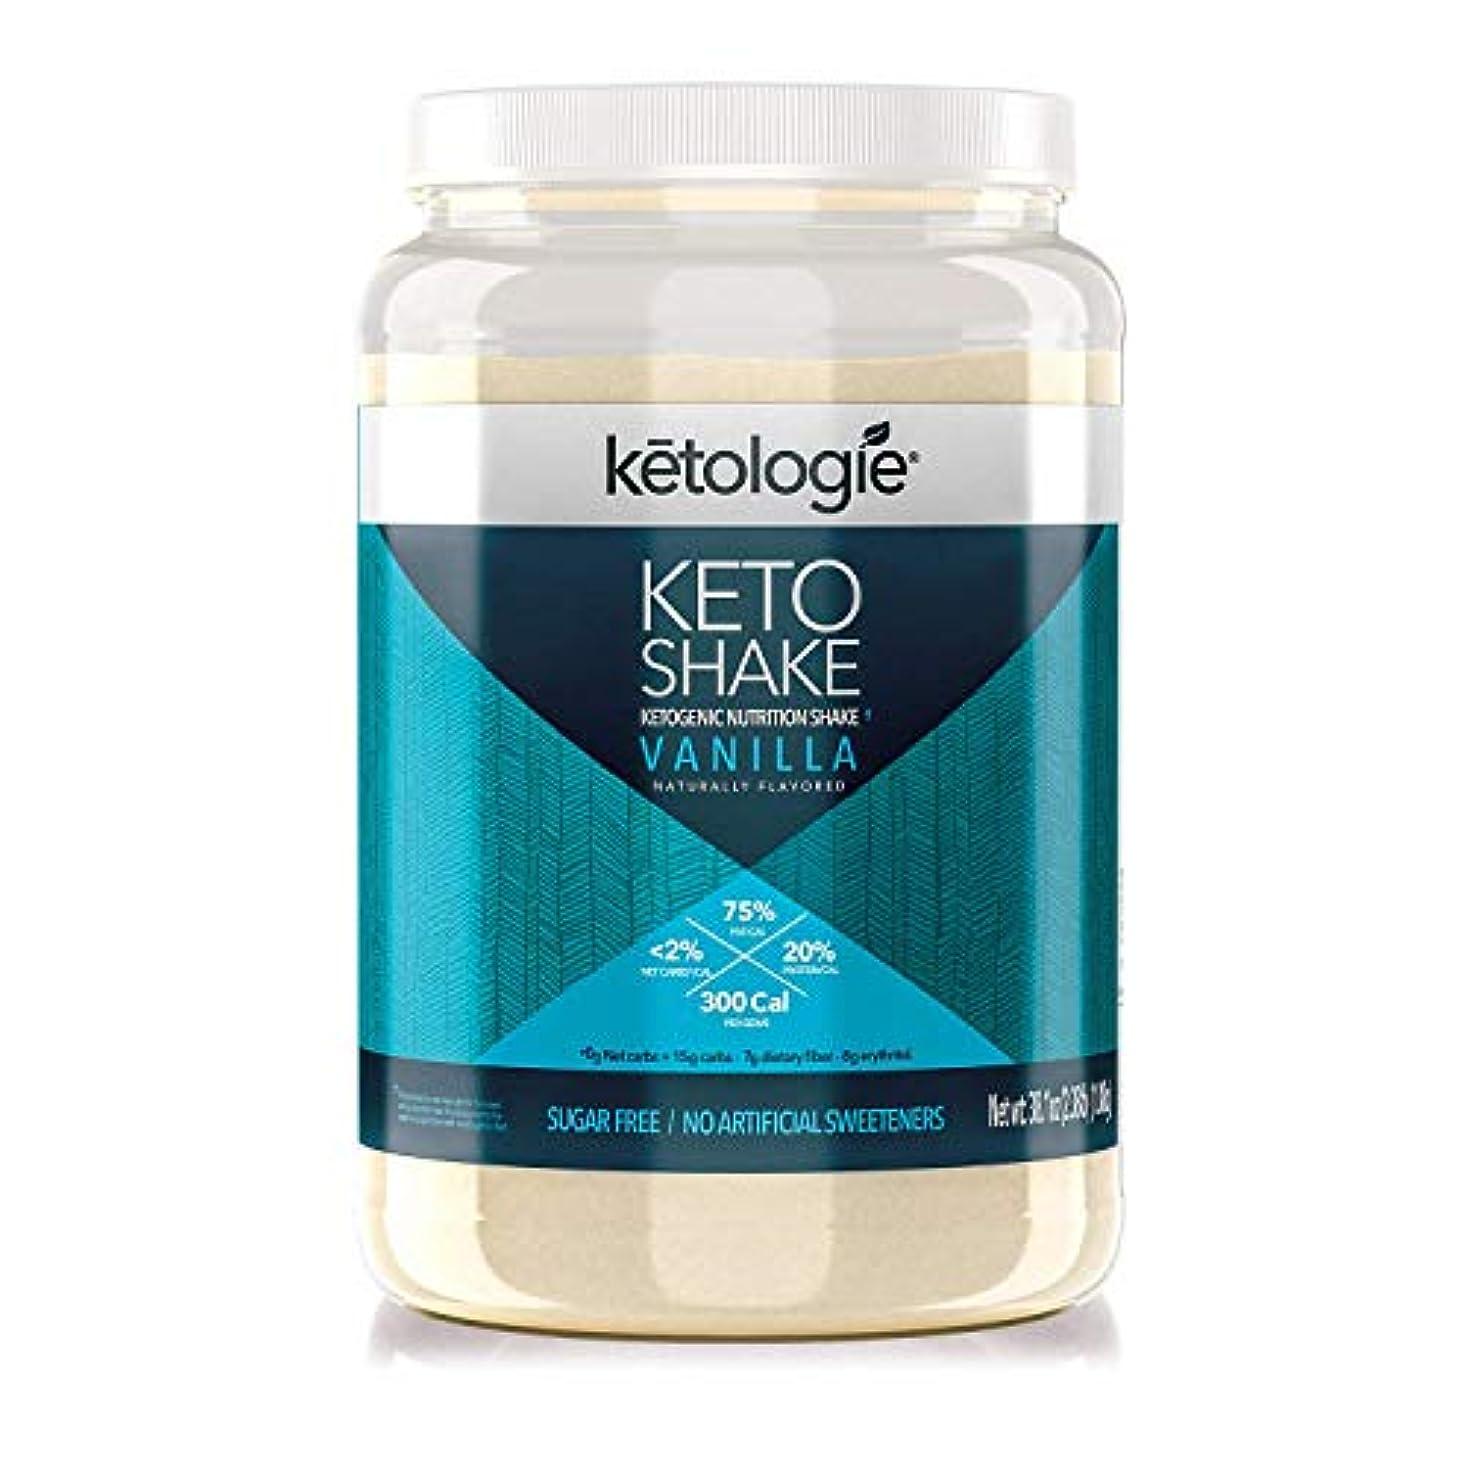 責任緊張するマネージャー[Ketologie] [コラーゲンケトシェイク(バニラ)Collagen Keto Shake (Vanilla)]